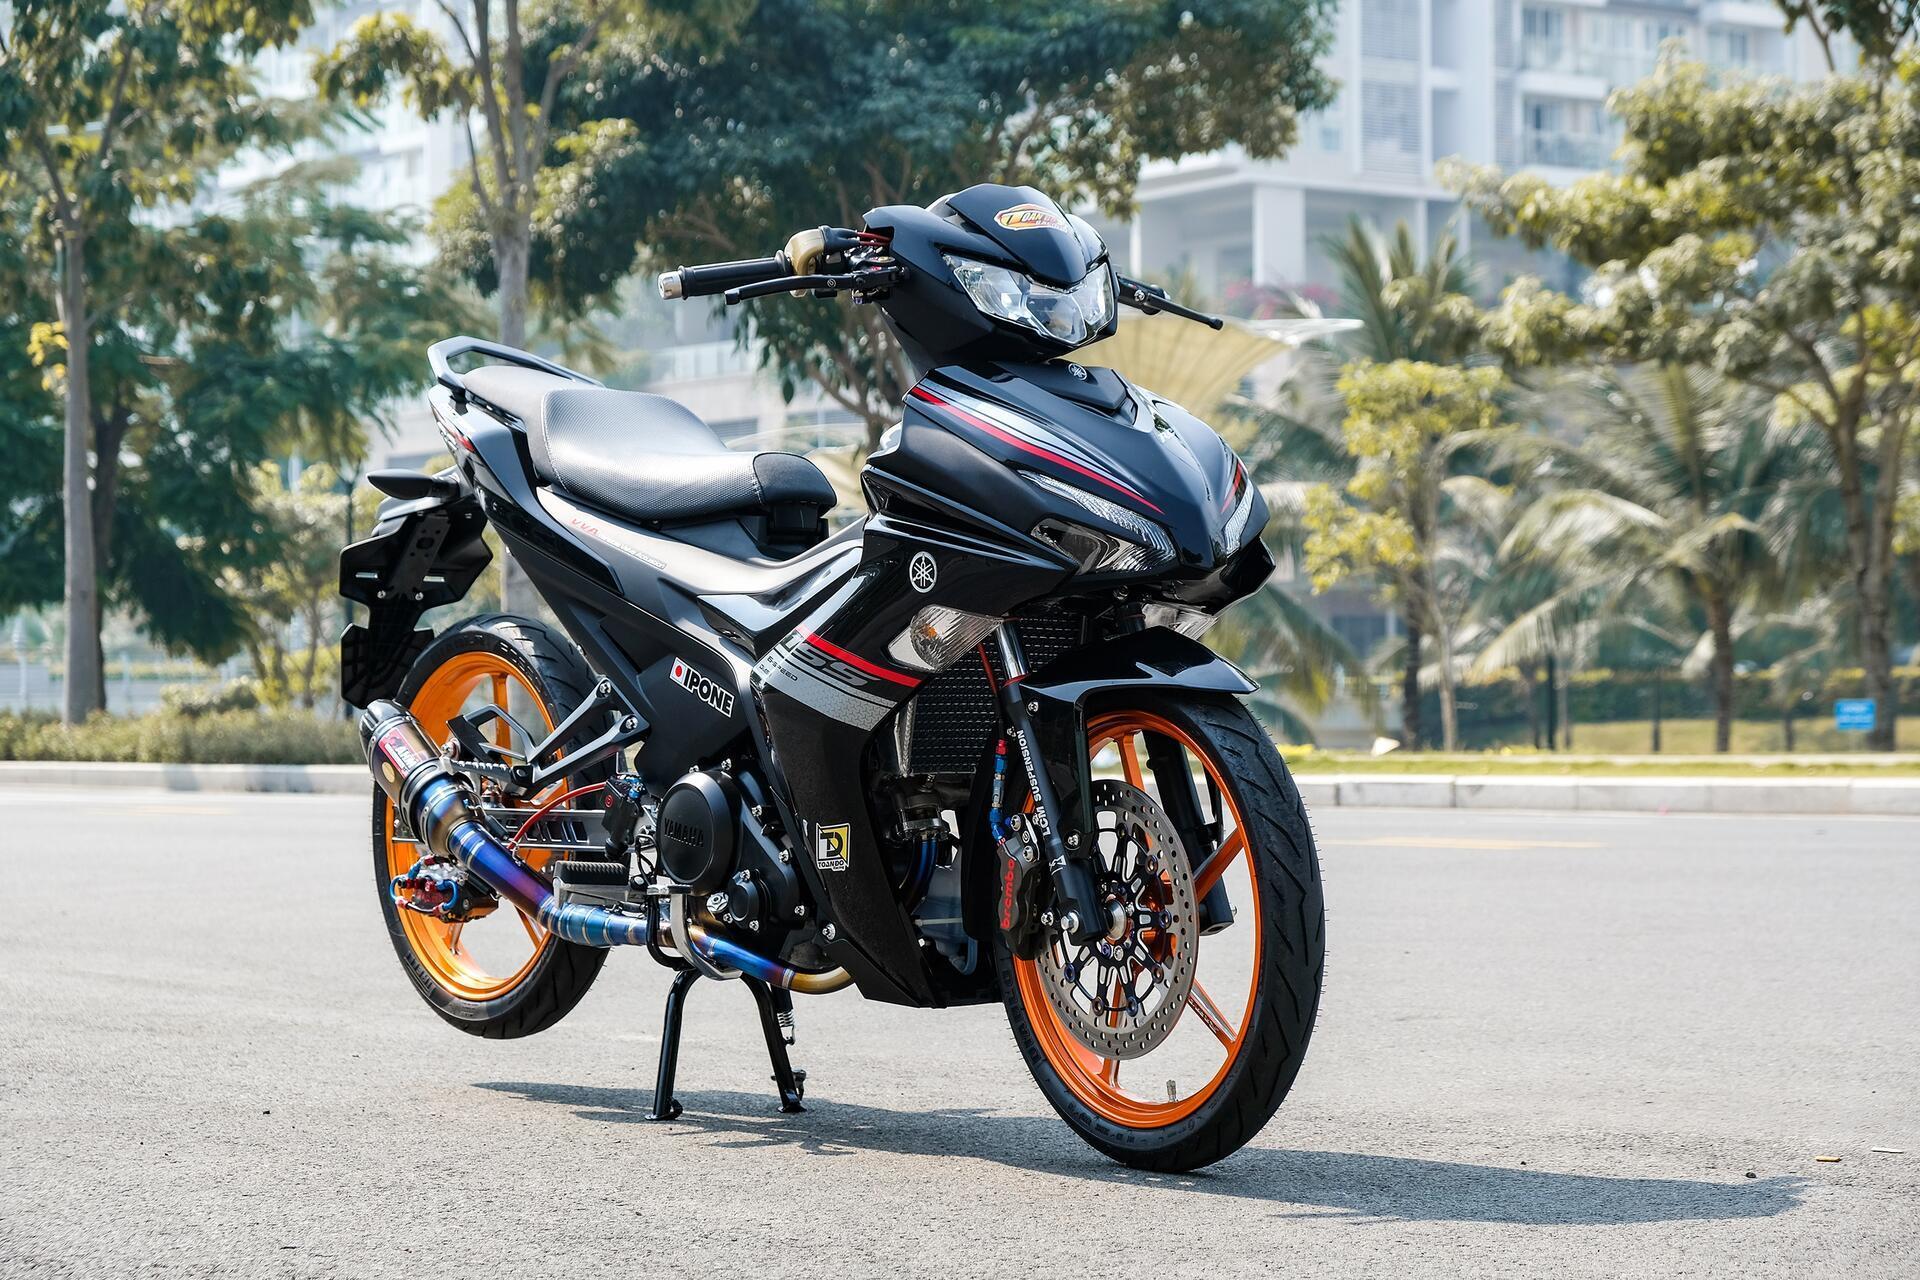 yamaha-exciter-155-voi-dan-trang-bi-hon-250-trieu-dong-tai-tp-hcm